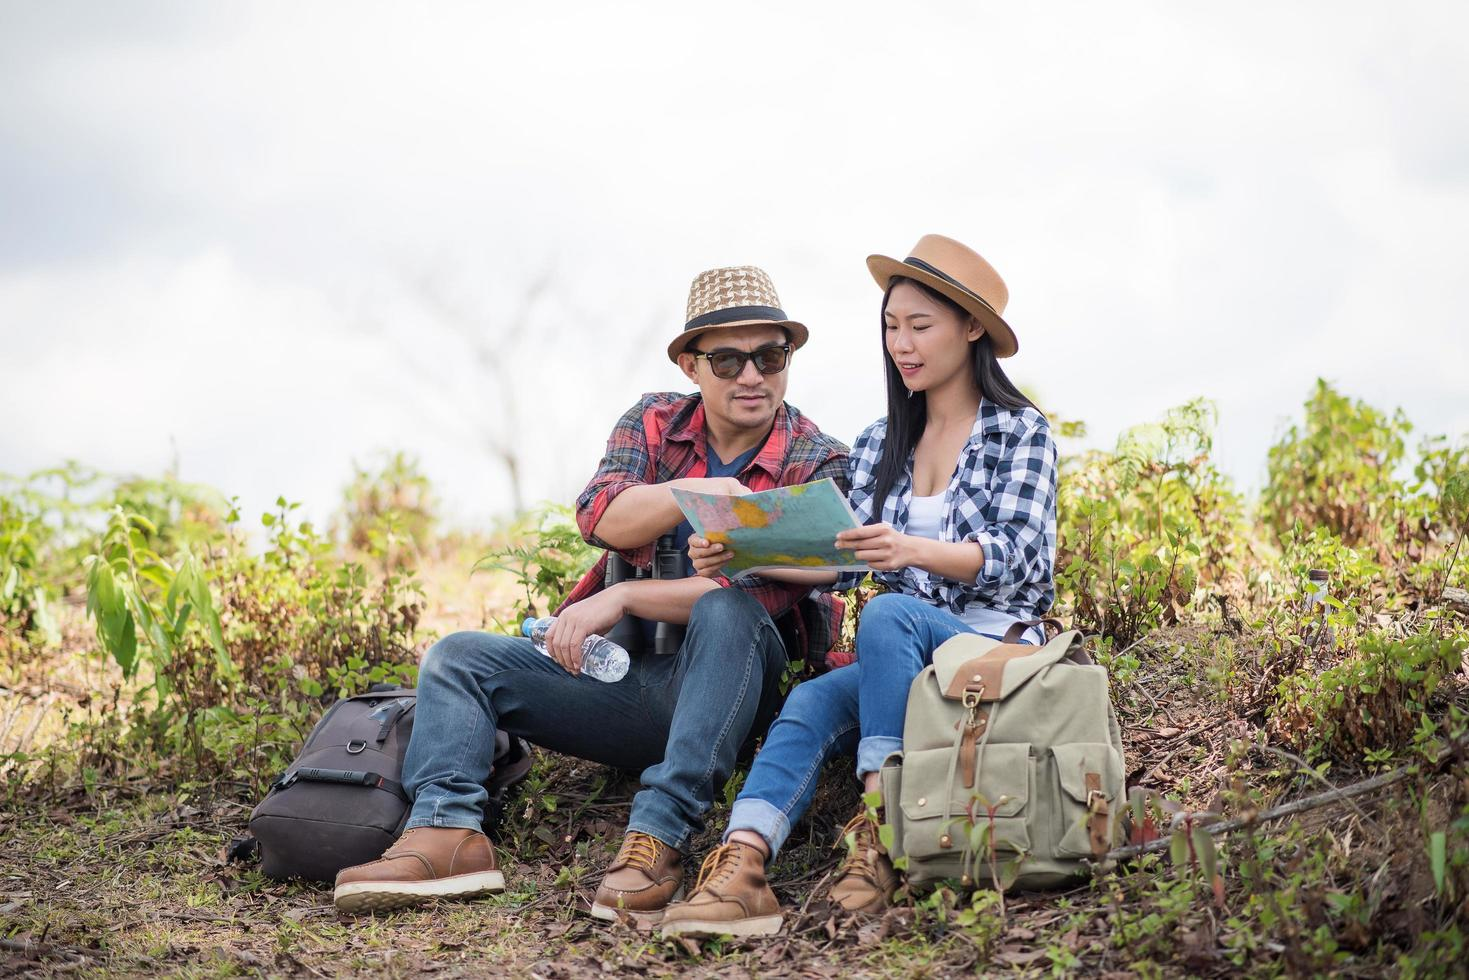 jeune couple regardant la carte lors d'une randonnée dans la forêt photo